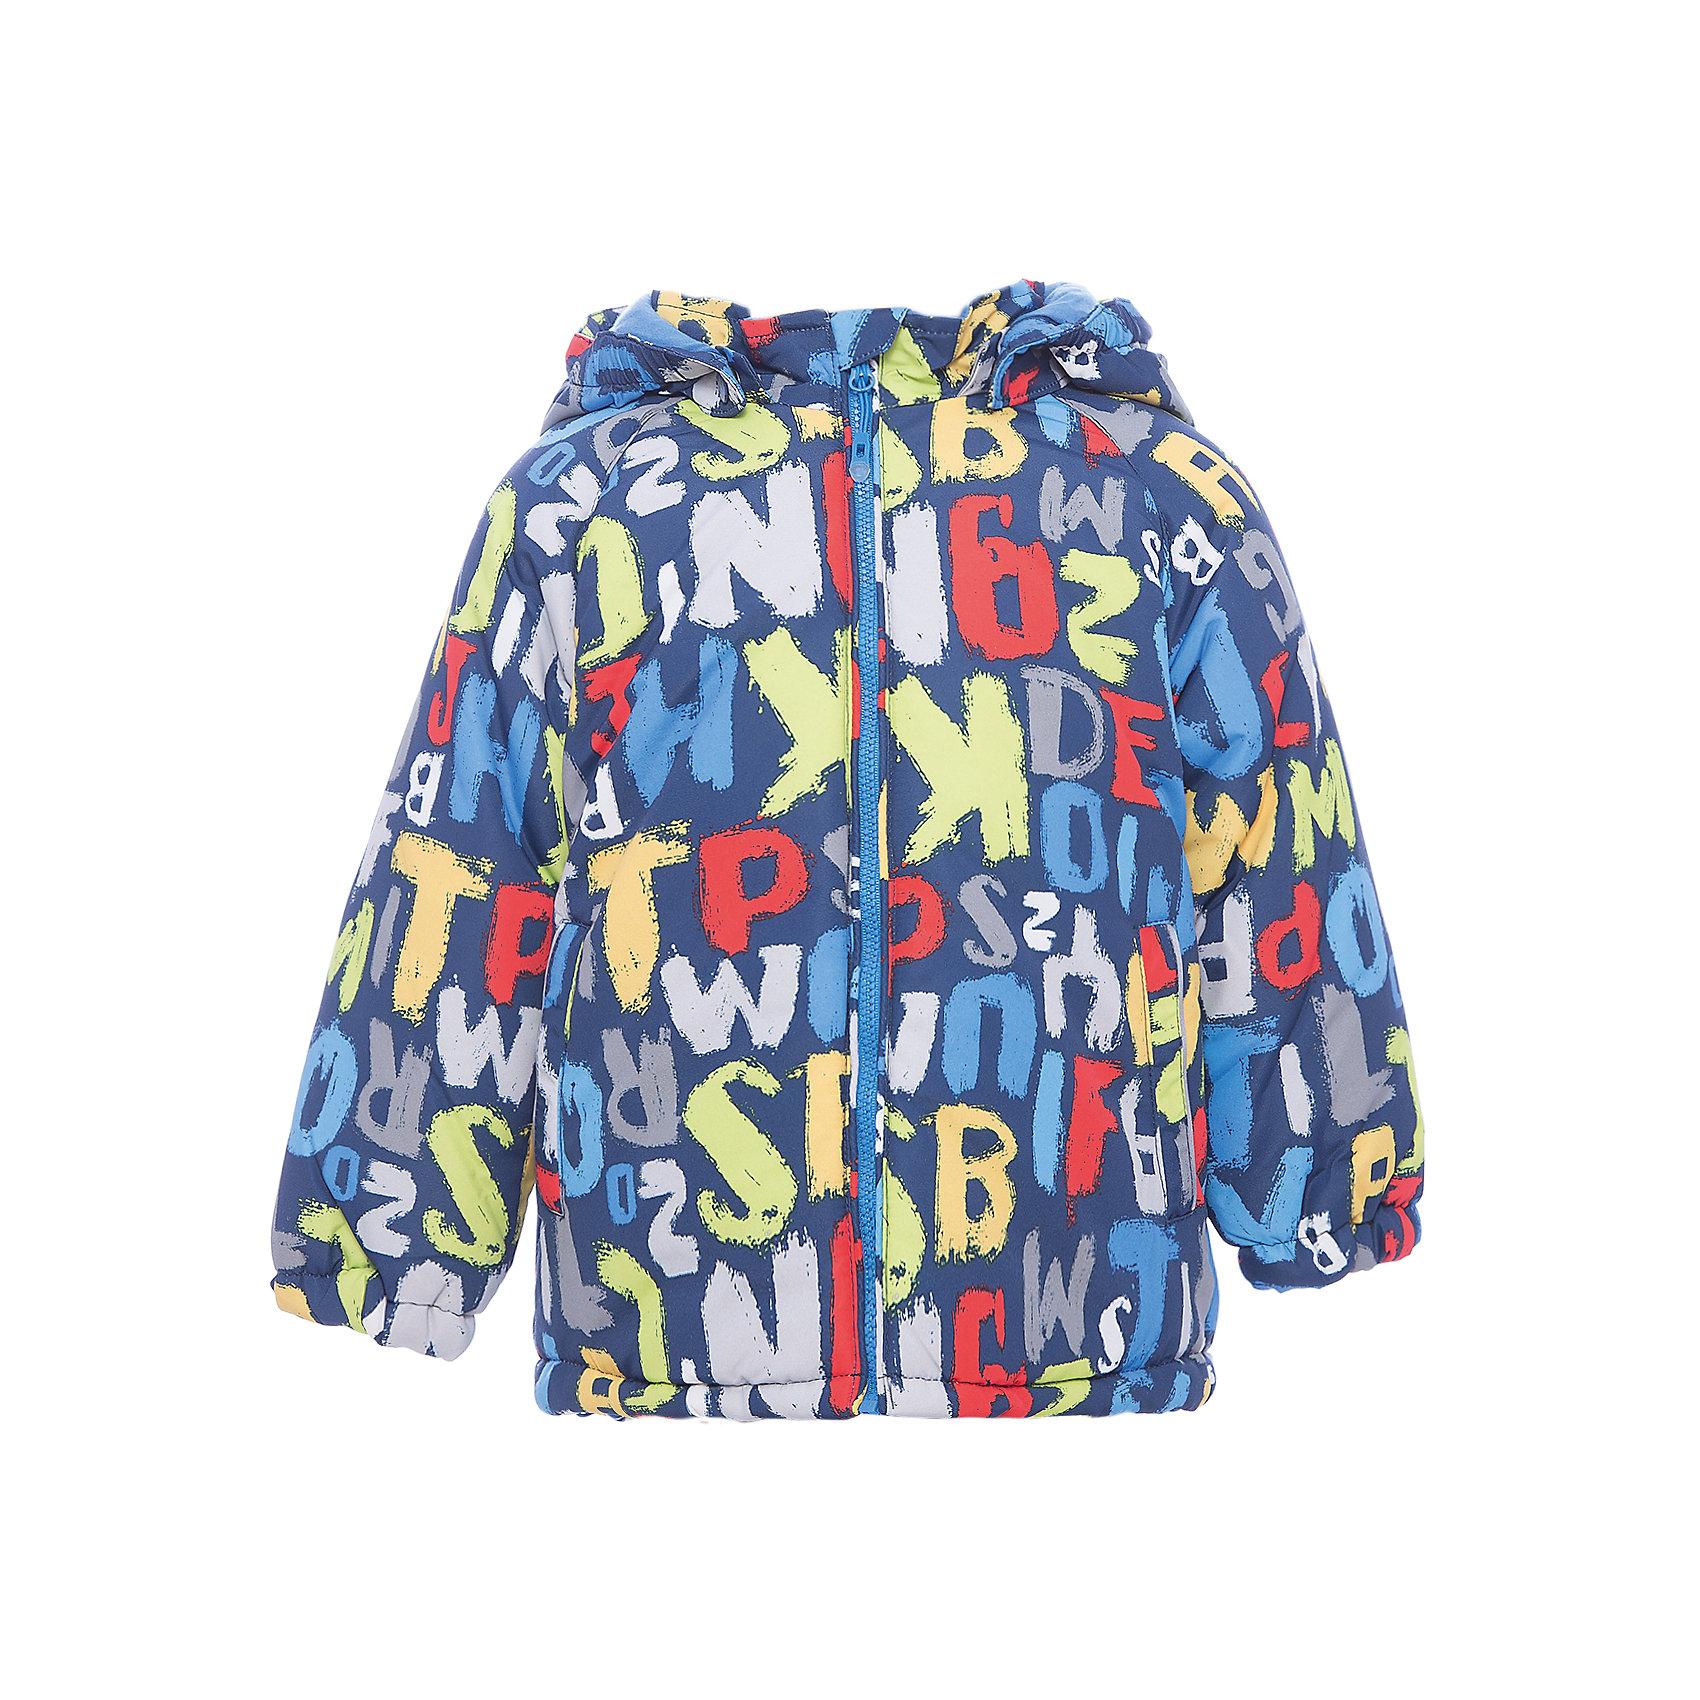 Куртка PlayToday для мальчикаВерхняя одежда<br>Куртка PlayToday для мальчика<br>Утепленная куртка из водоотталкивающей ткани - отличное решение для промозглой погоды. Капюшон на кнопках, при необходимости его можно отстегнуть. Модель на молнии, специальный карман для бегунка не позволит застежке травмировать нежную кожу ребенка. Рукава модели на резинках. Низ на регулируемом шнуре - кулиске. Хлопковая подкладка куртки хорошо впитывает лишнюю влагу. Модель дополнена вшивными карманами.<br>Состав:<br>Верх: 100% полиэстер, подкладка: 60% хлопок, 40% полиэстер, наполнитель: 100% полиэстер, 250 г/м2<br><br>Ширина мм: 356<br>Глубина мм: 10<br>Высота мм: 245<br>Вес г: 519<br>Цвет: белый<br>Возраст от месяцев: 18<br>Возраст до месяцев: 24<br>Пол: Мужской<br>Возраст: Детский<br>Размер: 92,74,80,86<br>SKU: 7109670